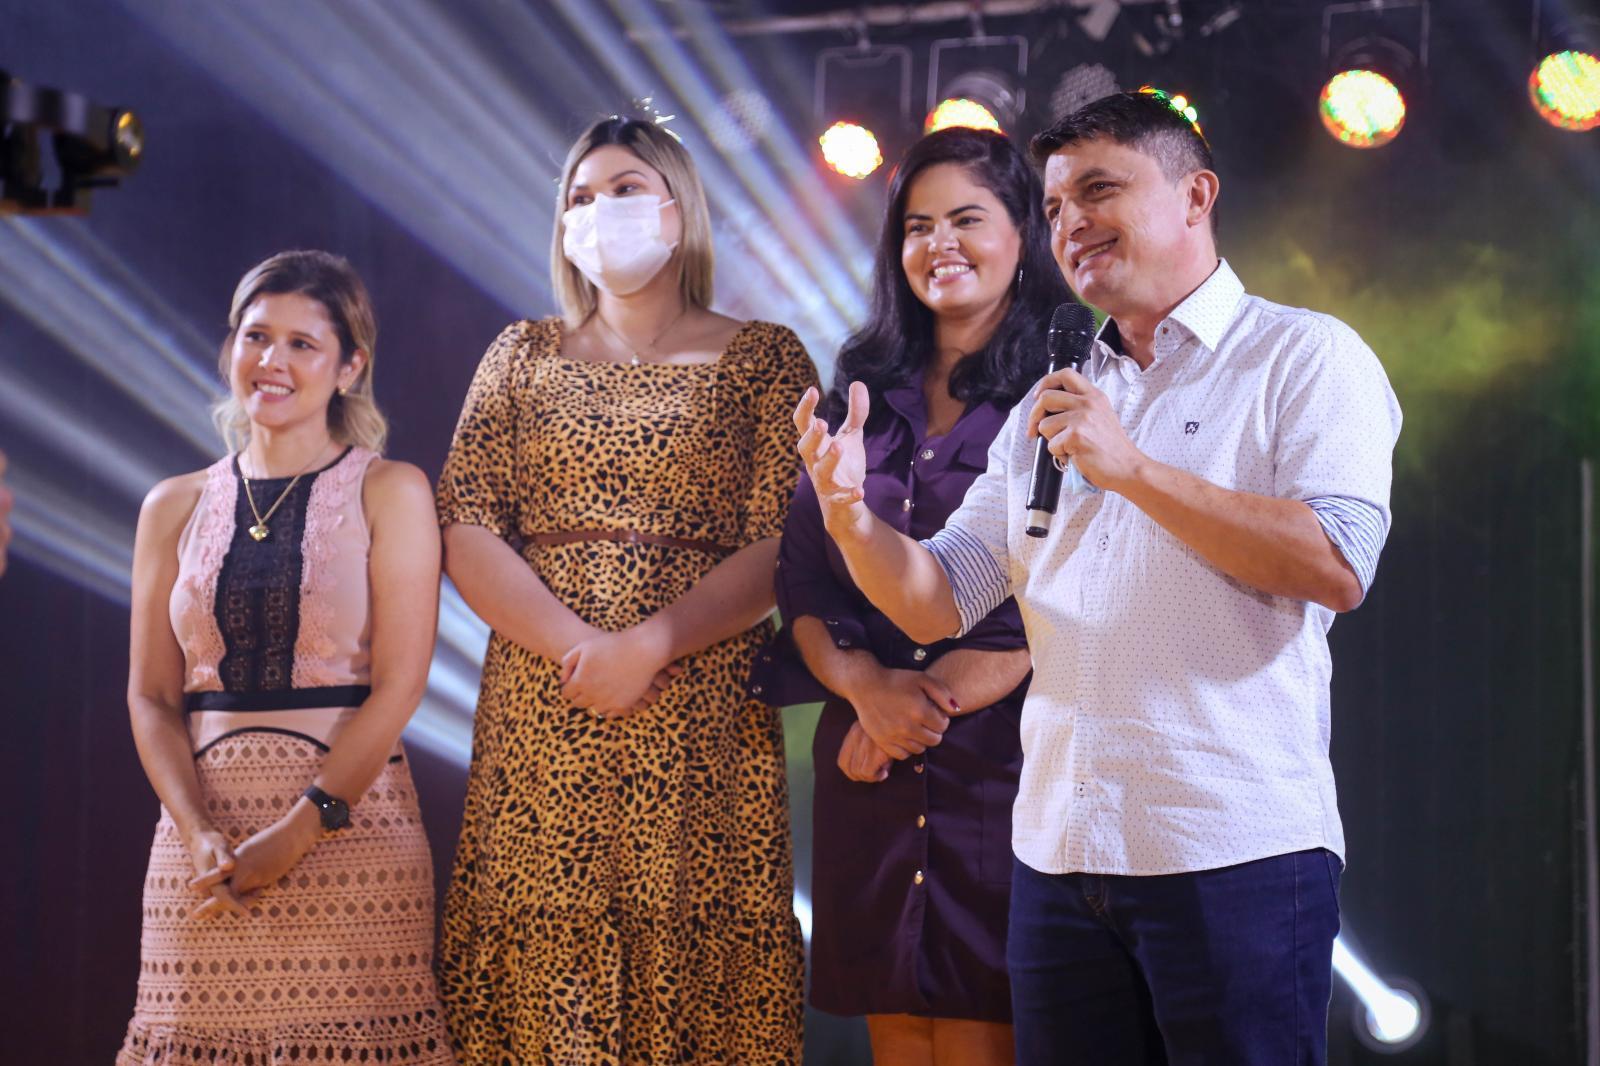 Sesc Amapá transmitiu ao vivo a Abertura Oficial do Jocomap e desfile das rainhas 2021